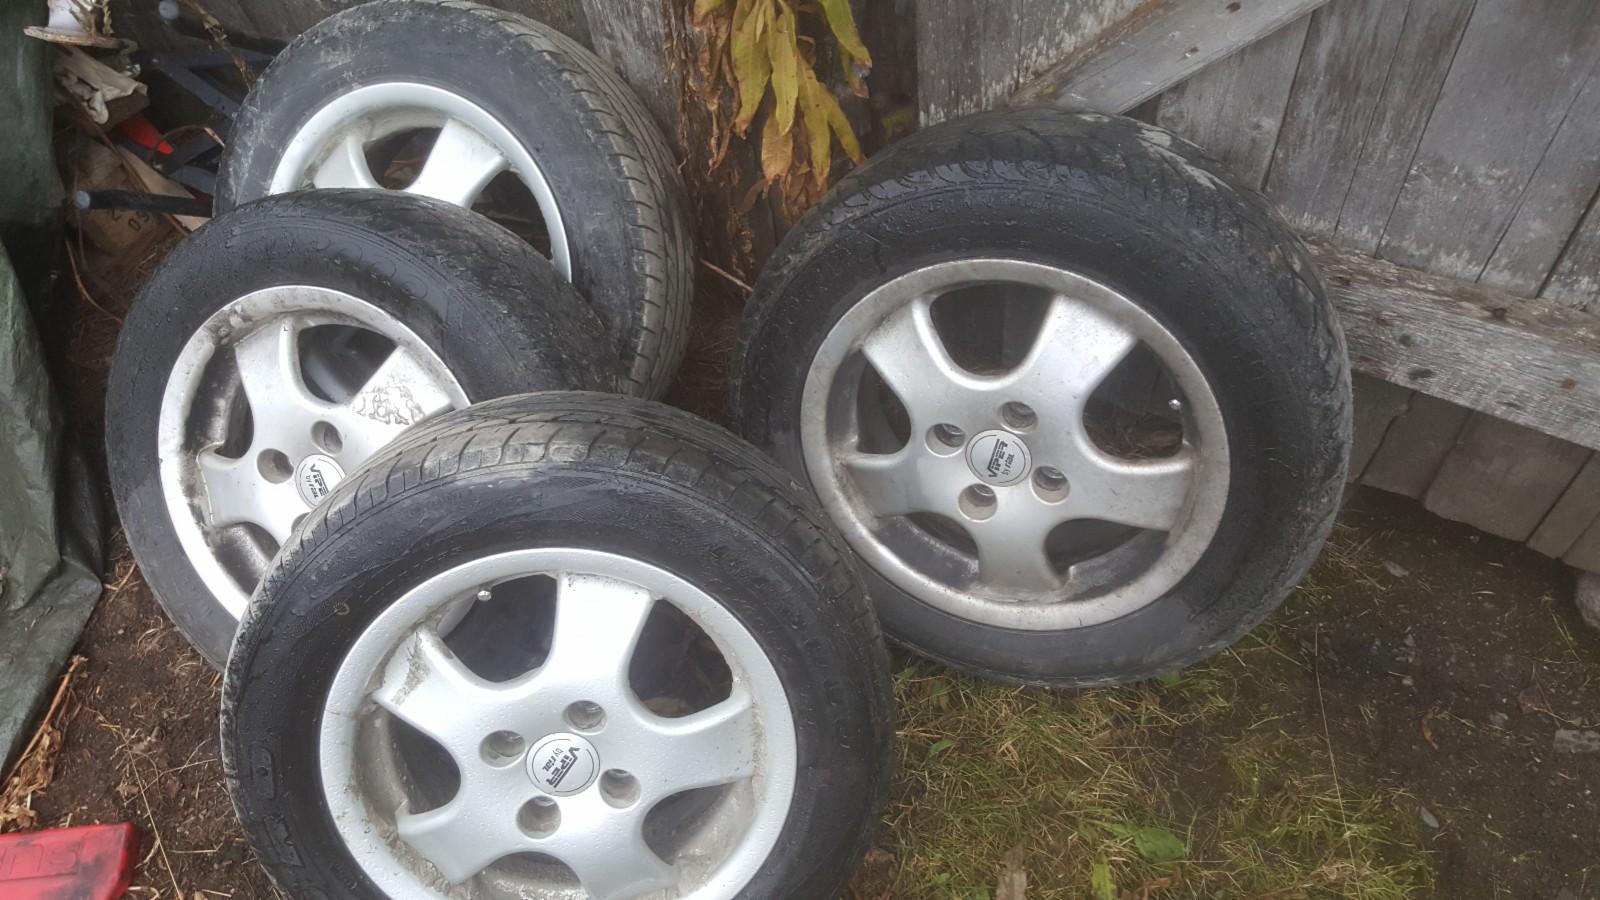 """14"""" felger 4x100 selges - Vestre Gausdal  - 14"""" felger 4x100 med dekk selges 2 bra og 2 dårlige dekk  Stått på en Nissan Sunny N14 - Vestre Gausdal"""